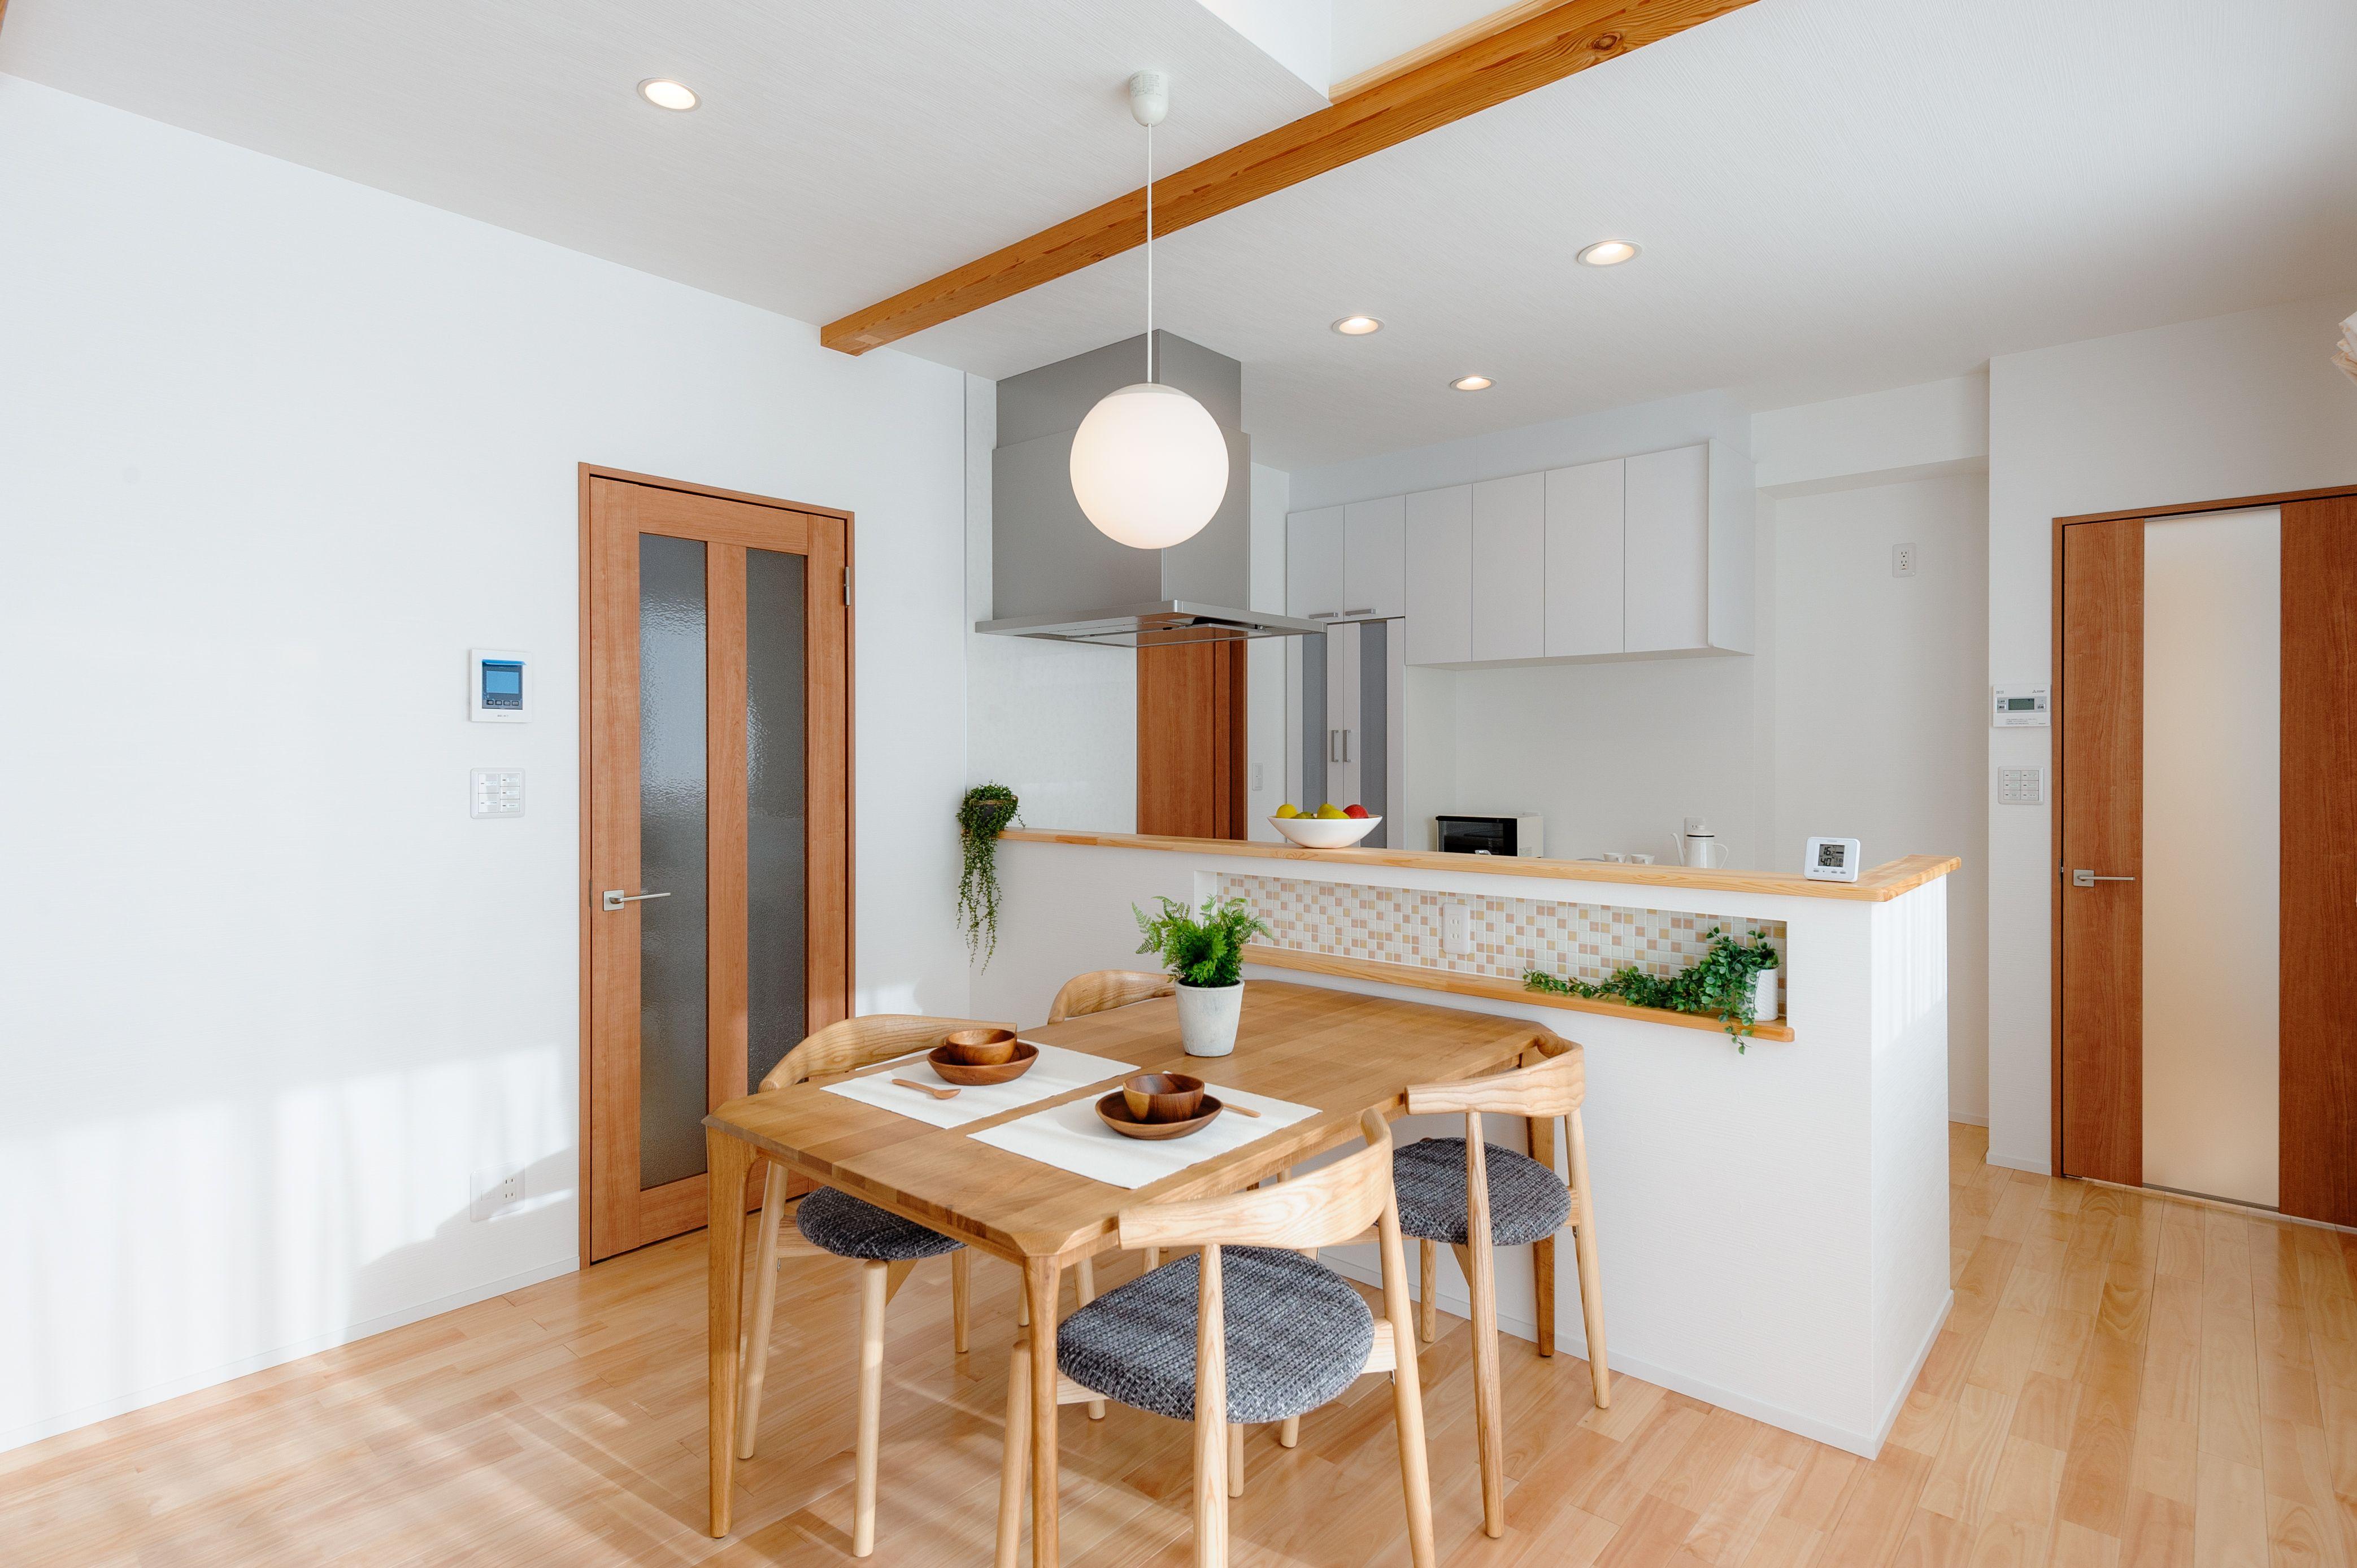 中野市注文住宅写真集 屋根裏部屋のある家 キッチン おしゃれ 注文